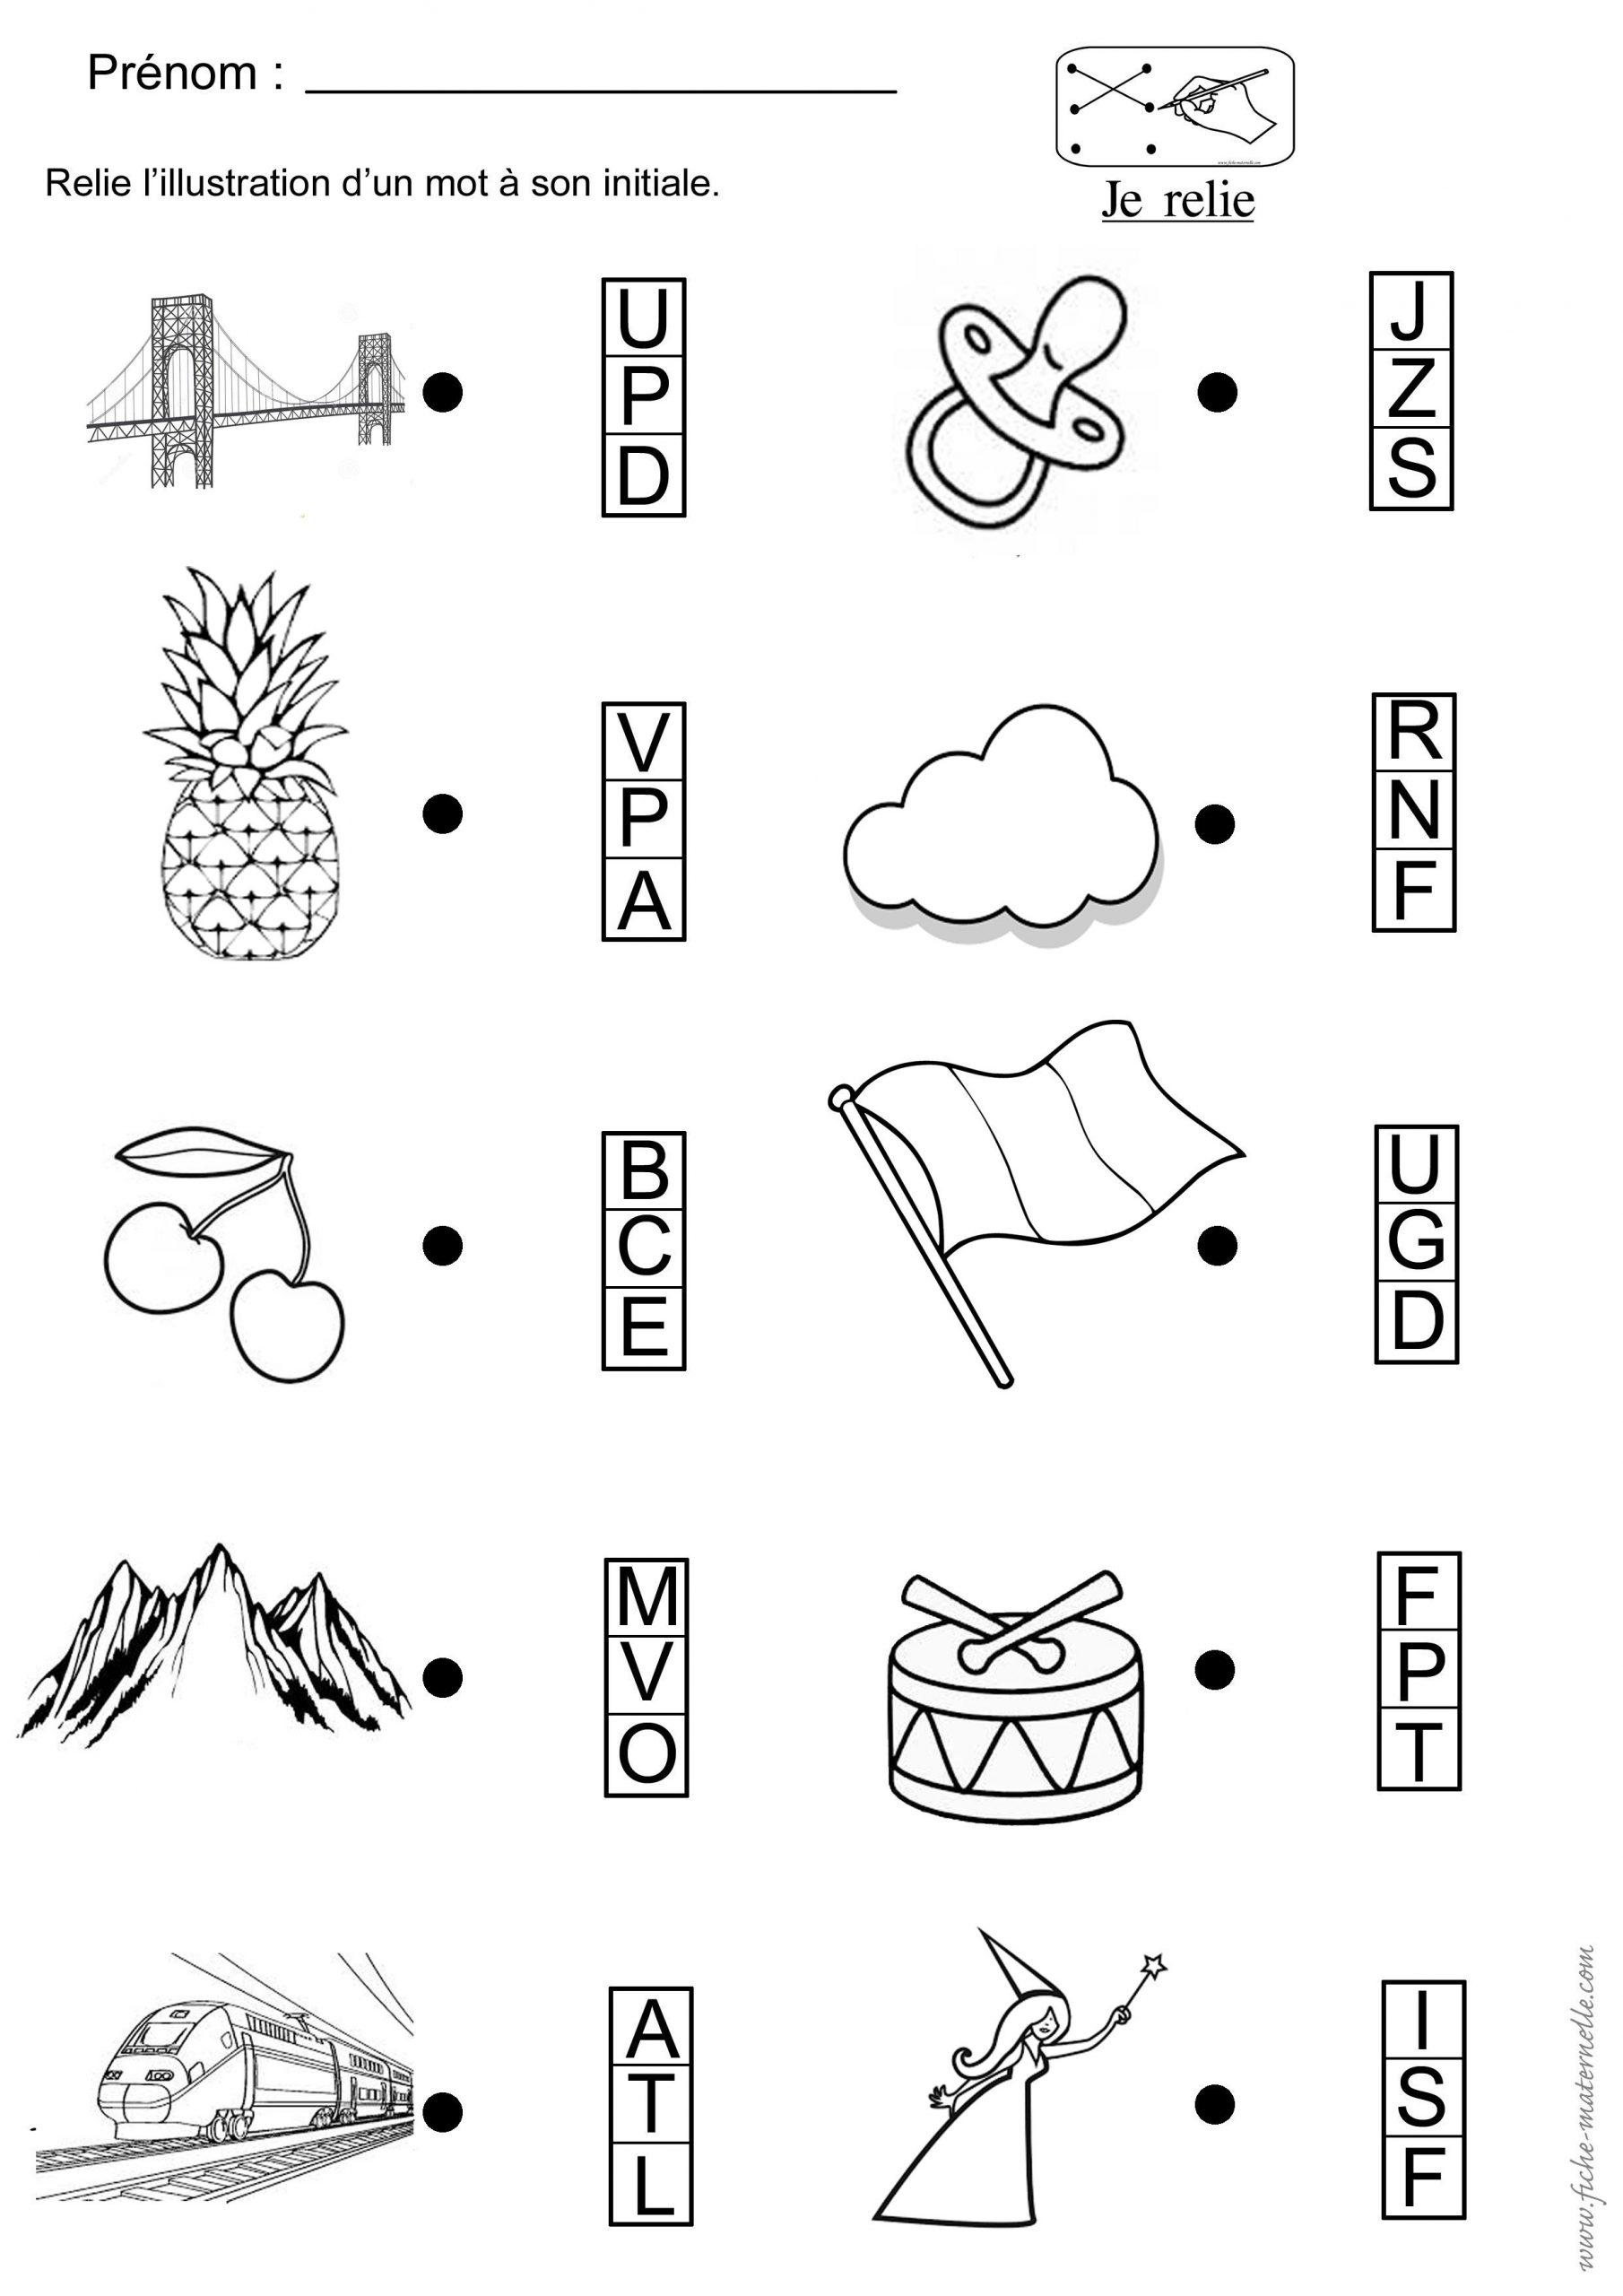 Phonologie : Trouver La Première Lettre D'un Mot Illustré avec Exercice Enfant 4 Ans